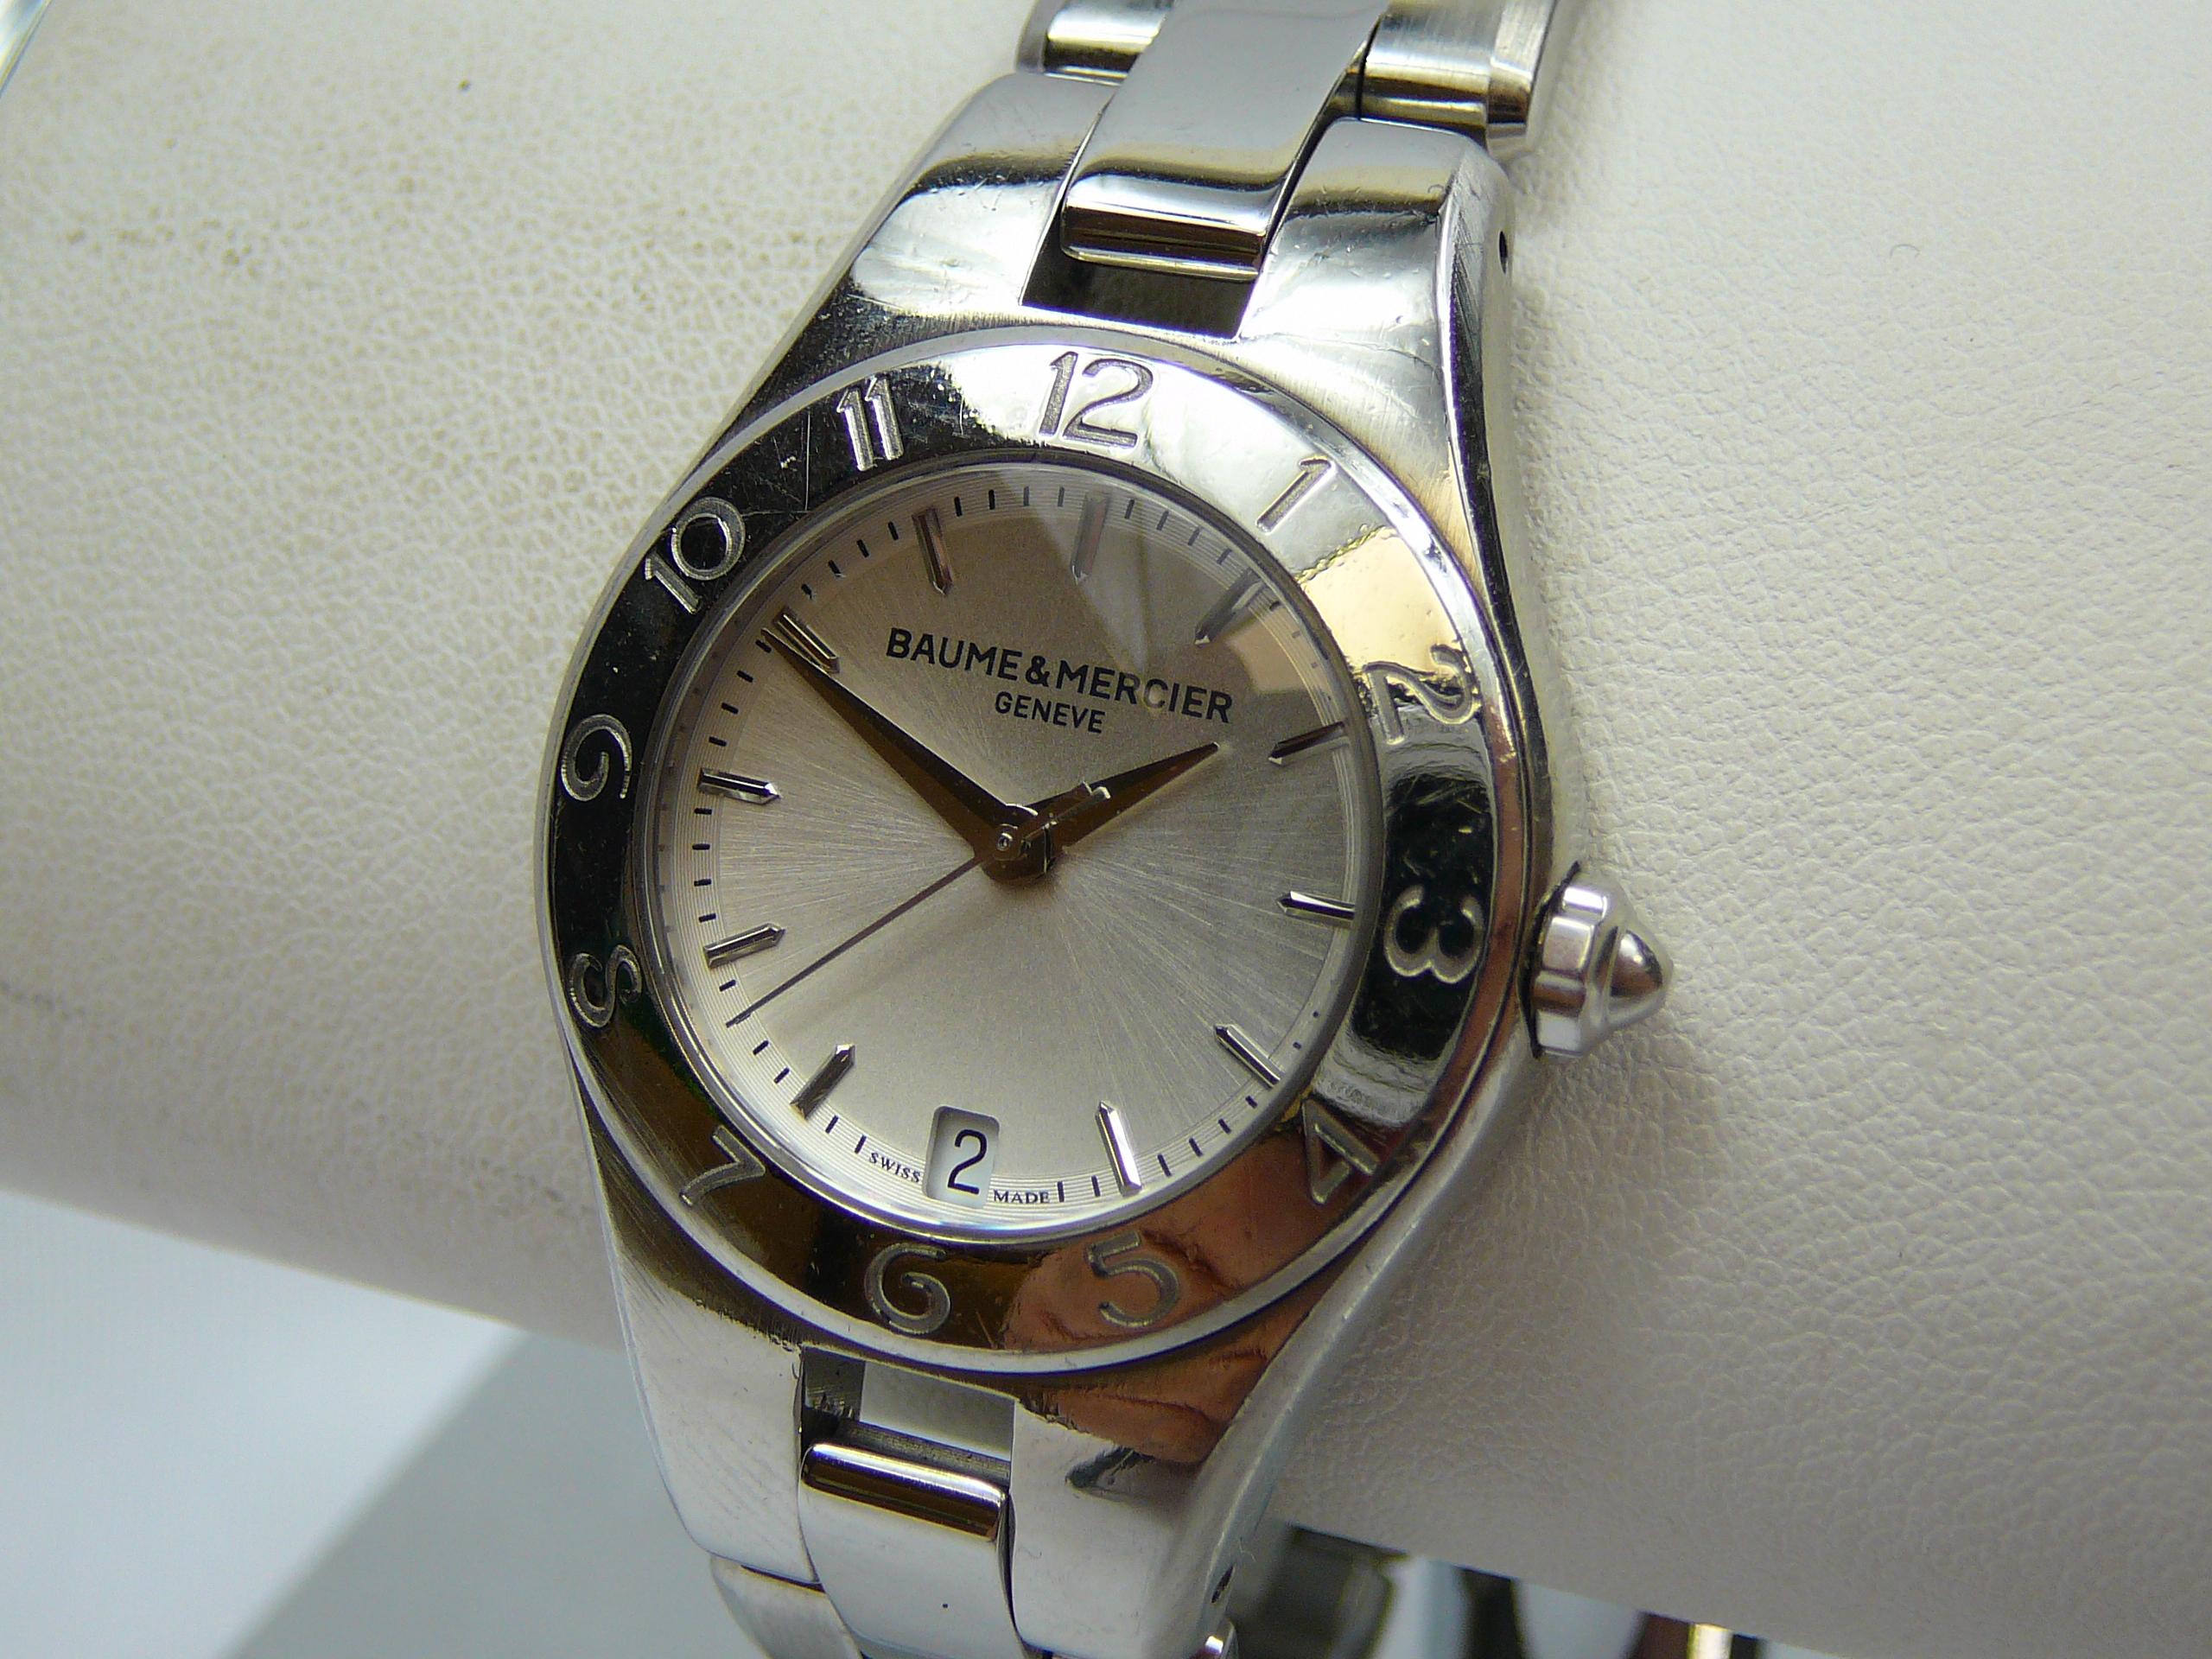 Ladies Baume & Mercier Wrist Watch - Image 2 of 3